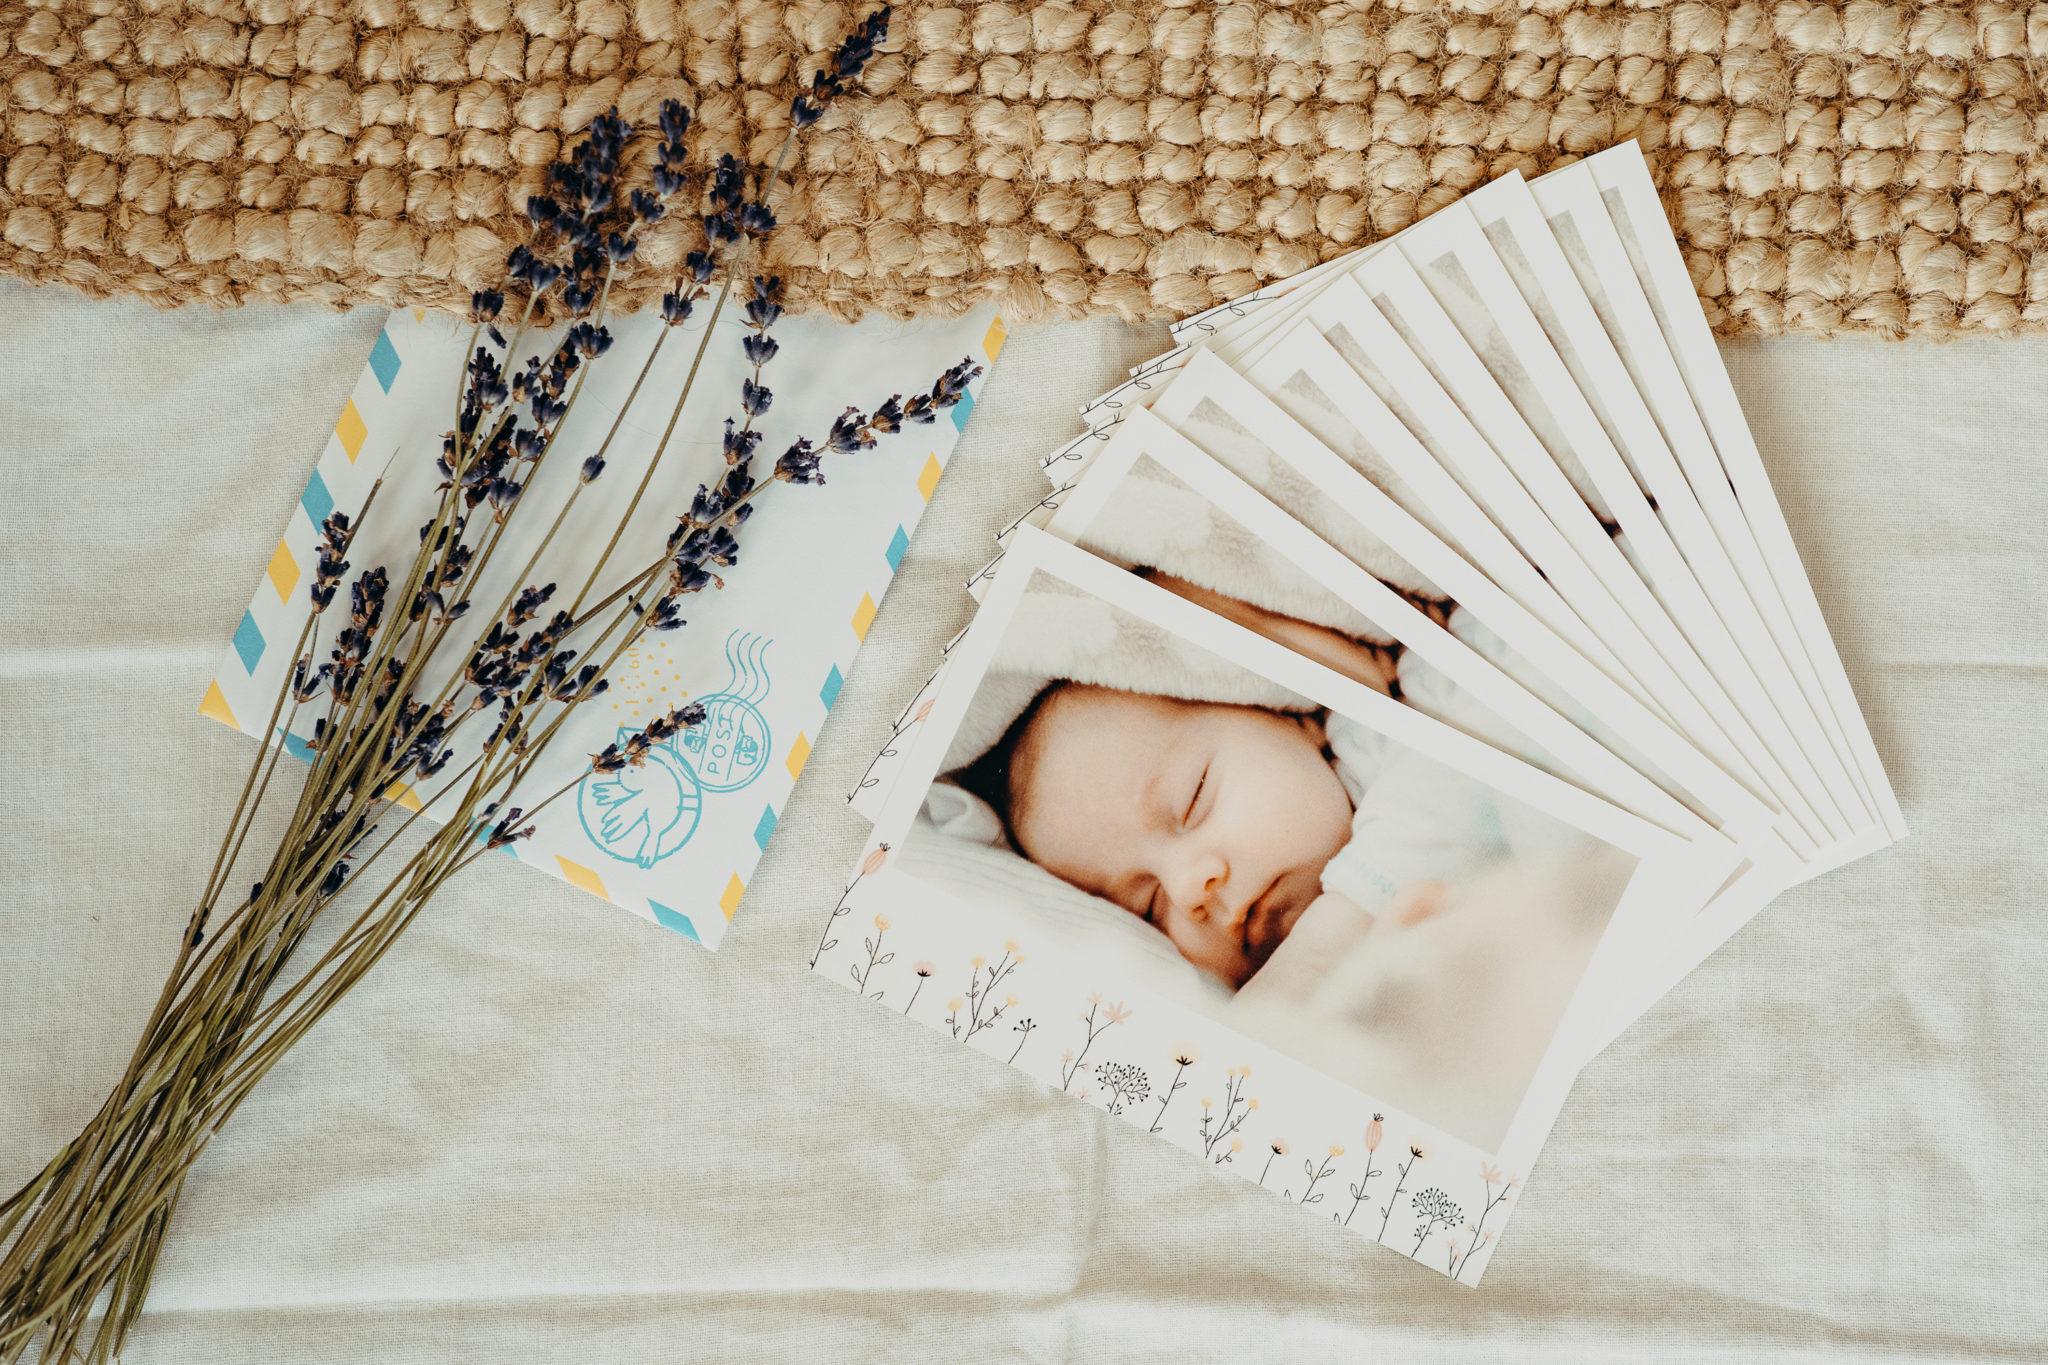 Tout savoir sur le faire-part de naissance : date, carte, texte…